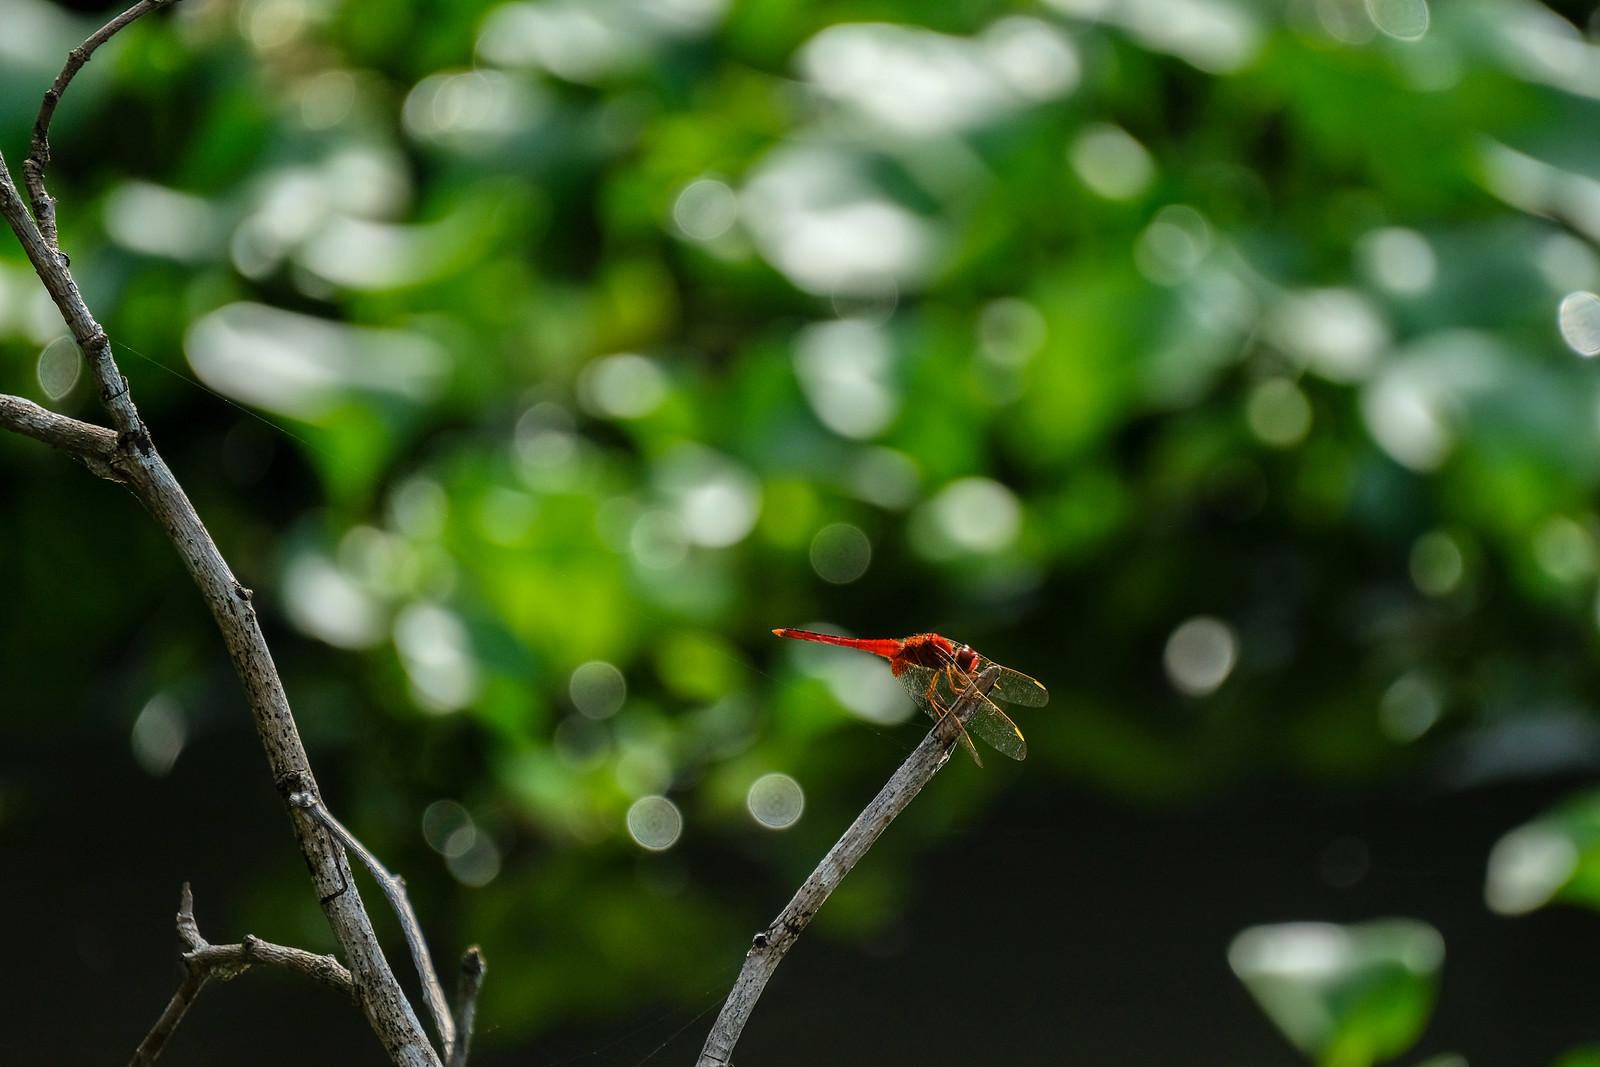 Common_Scarlet_rocothemis Servilia (猩紅蜻蜓)_DSCF5991